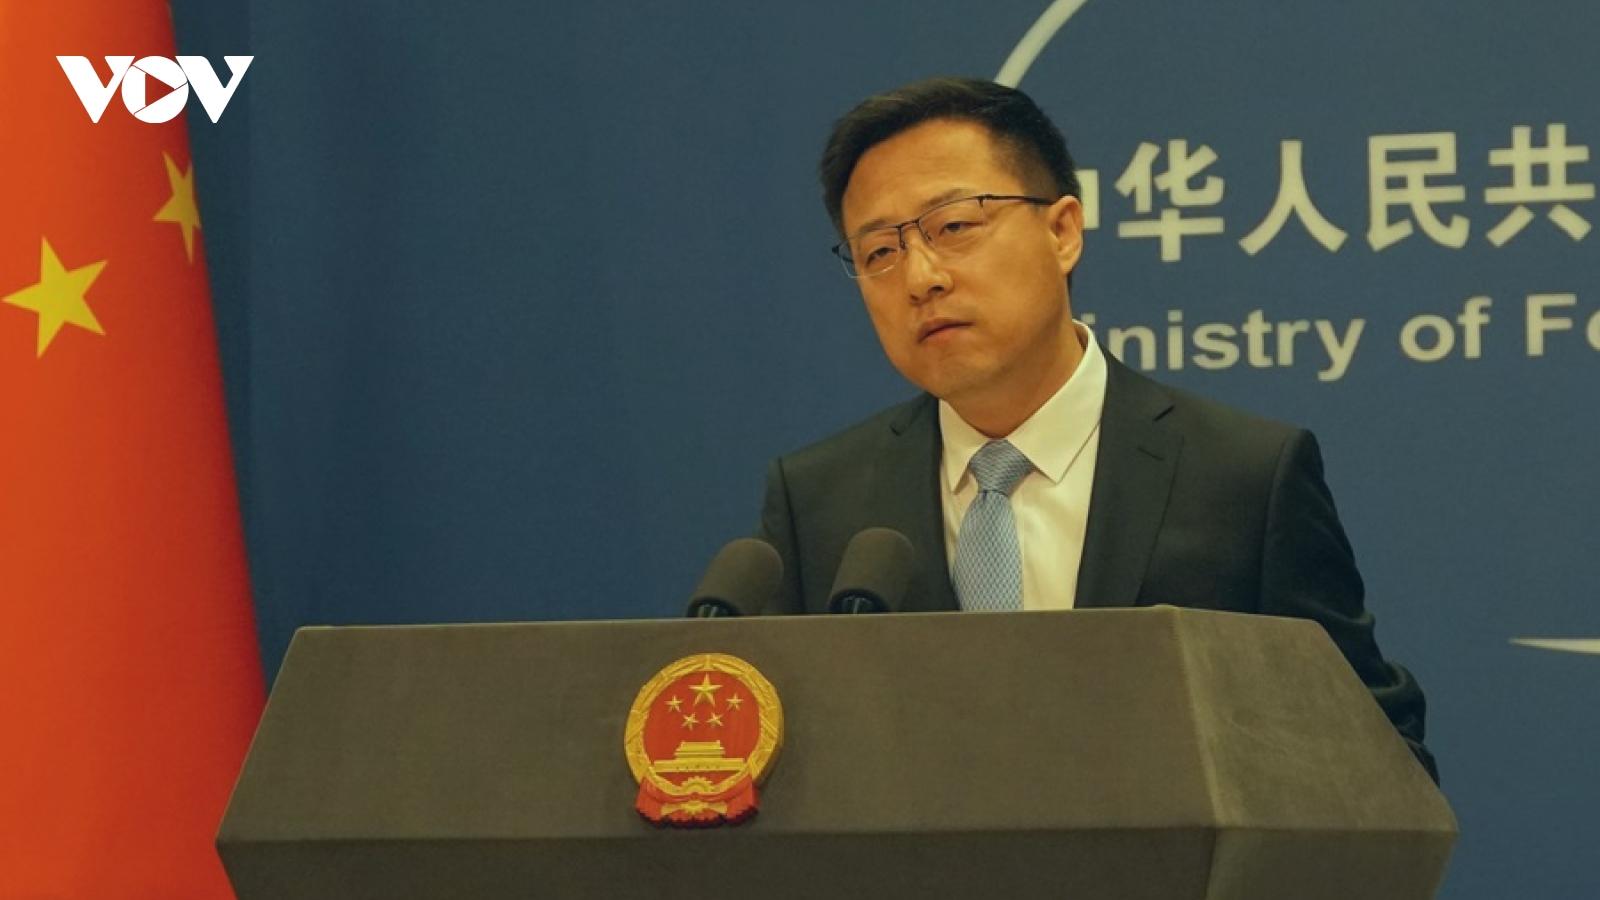 Trung Quốc nói Hội đàm cấp Thứ trưởng Mỹ-Trung giúp 2 bên hiểu rõ về lập trường của nhau